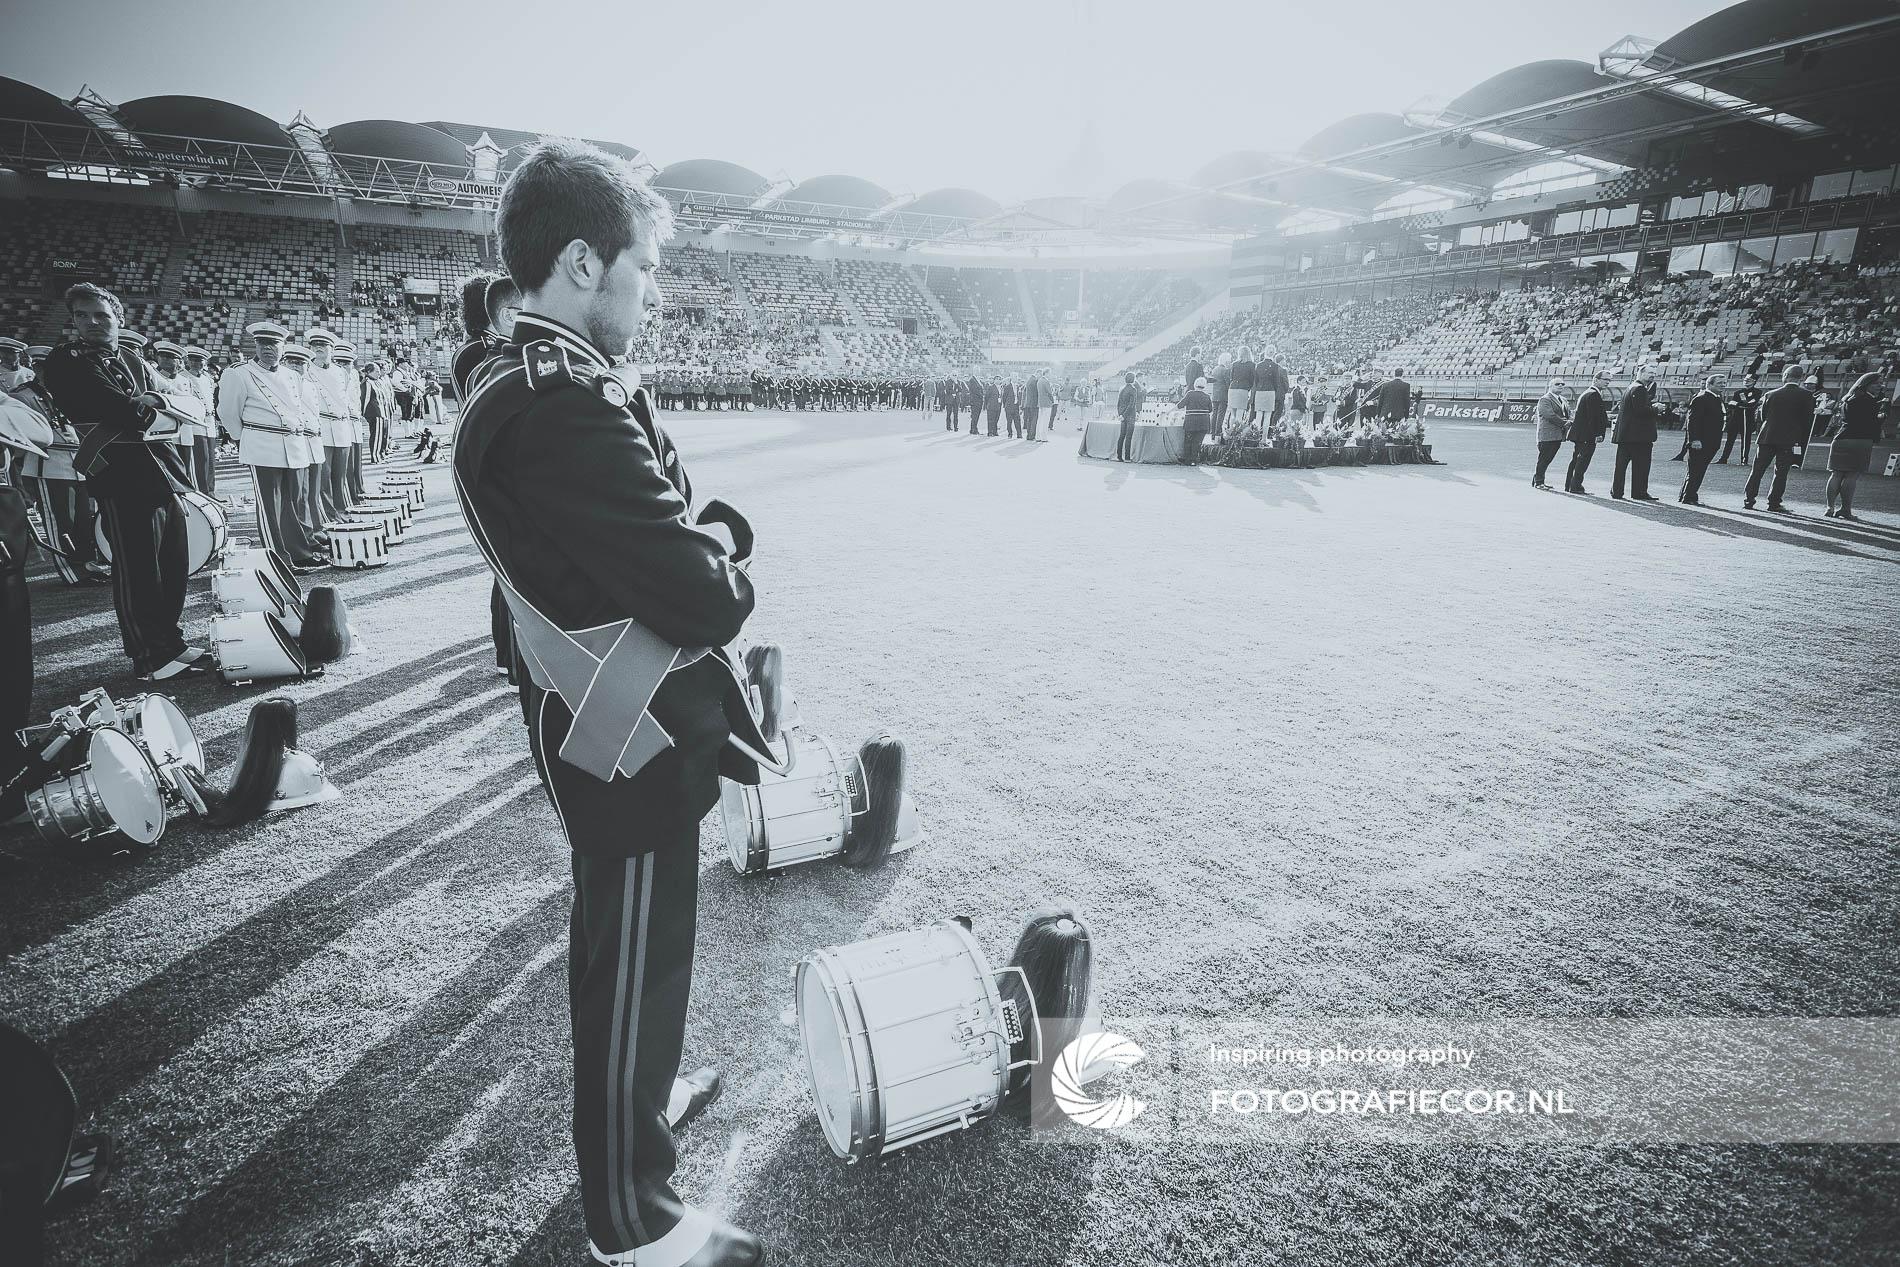 Generale repetitie | wedstrijden | vlag | voetbalveld | zwart-wit